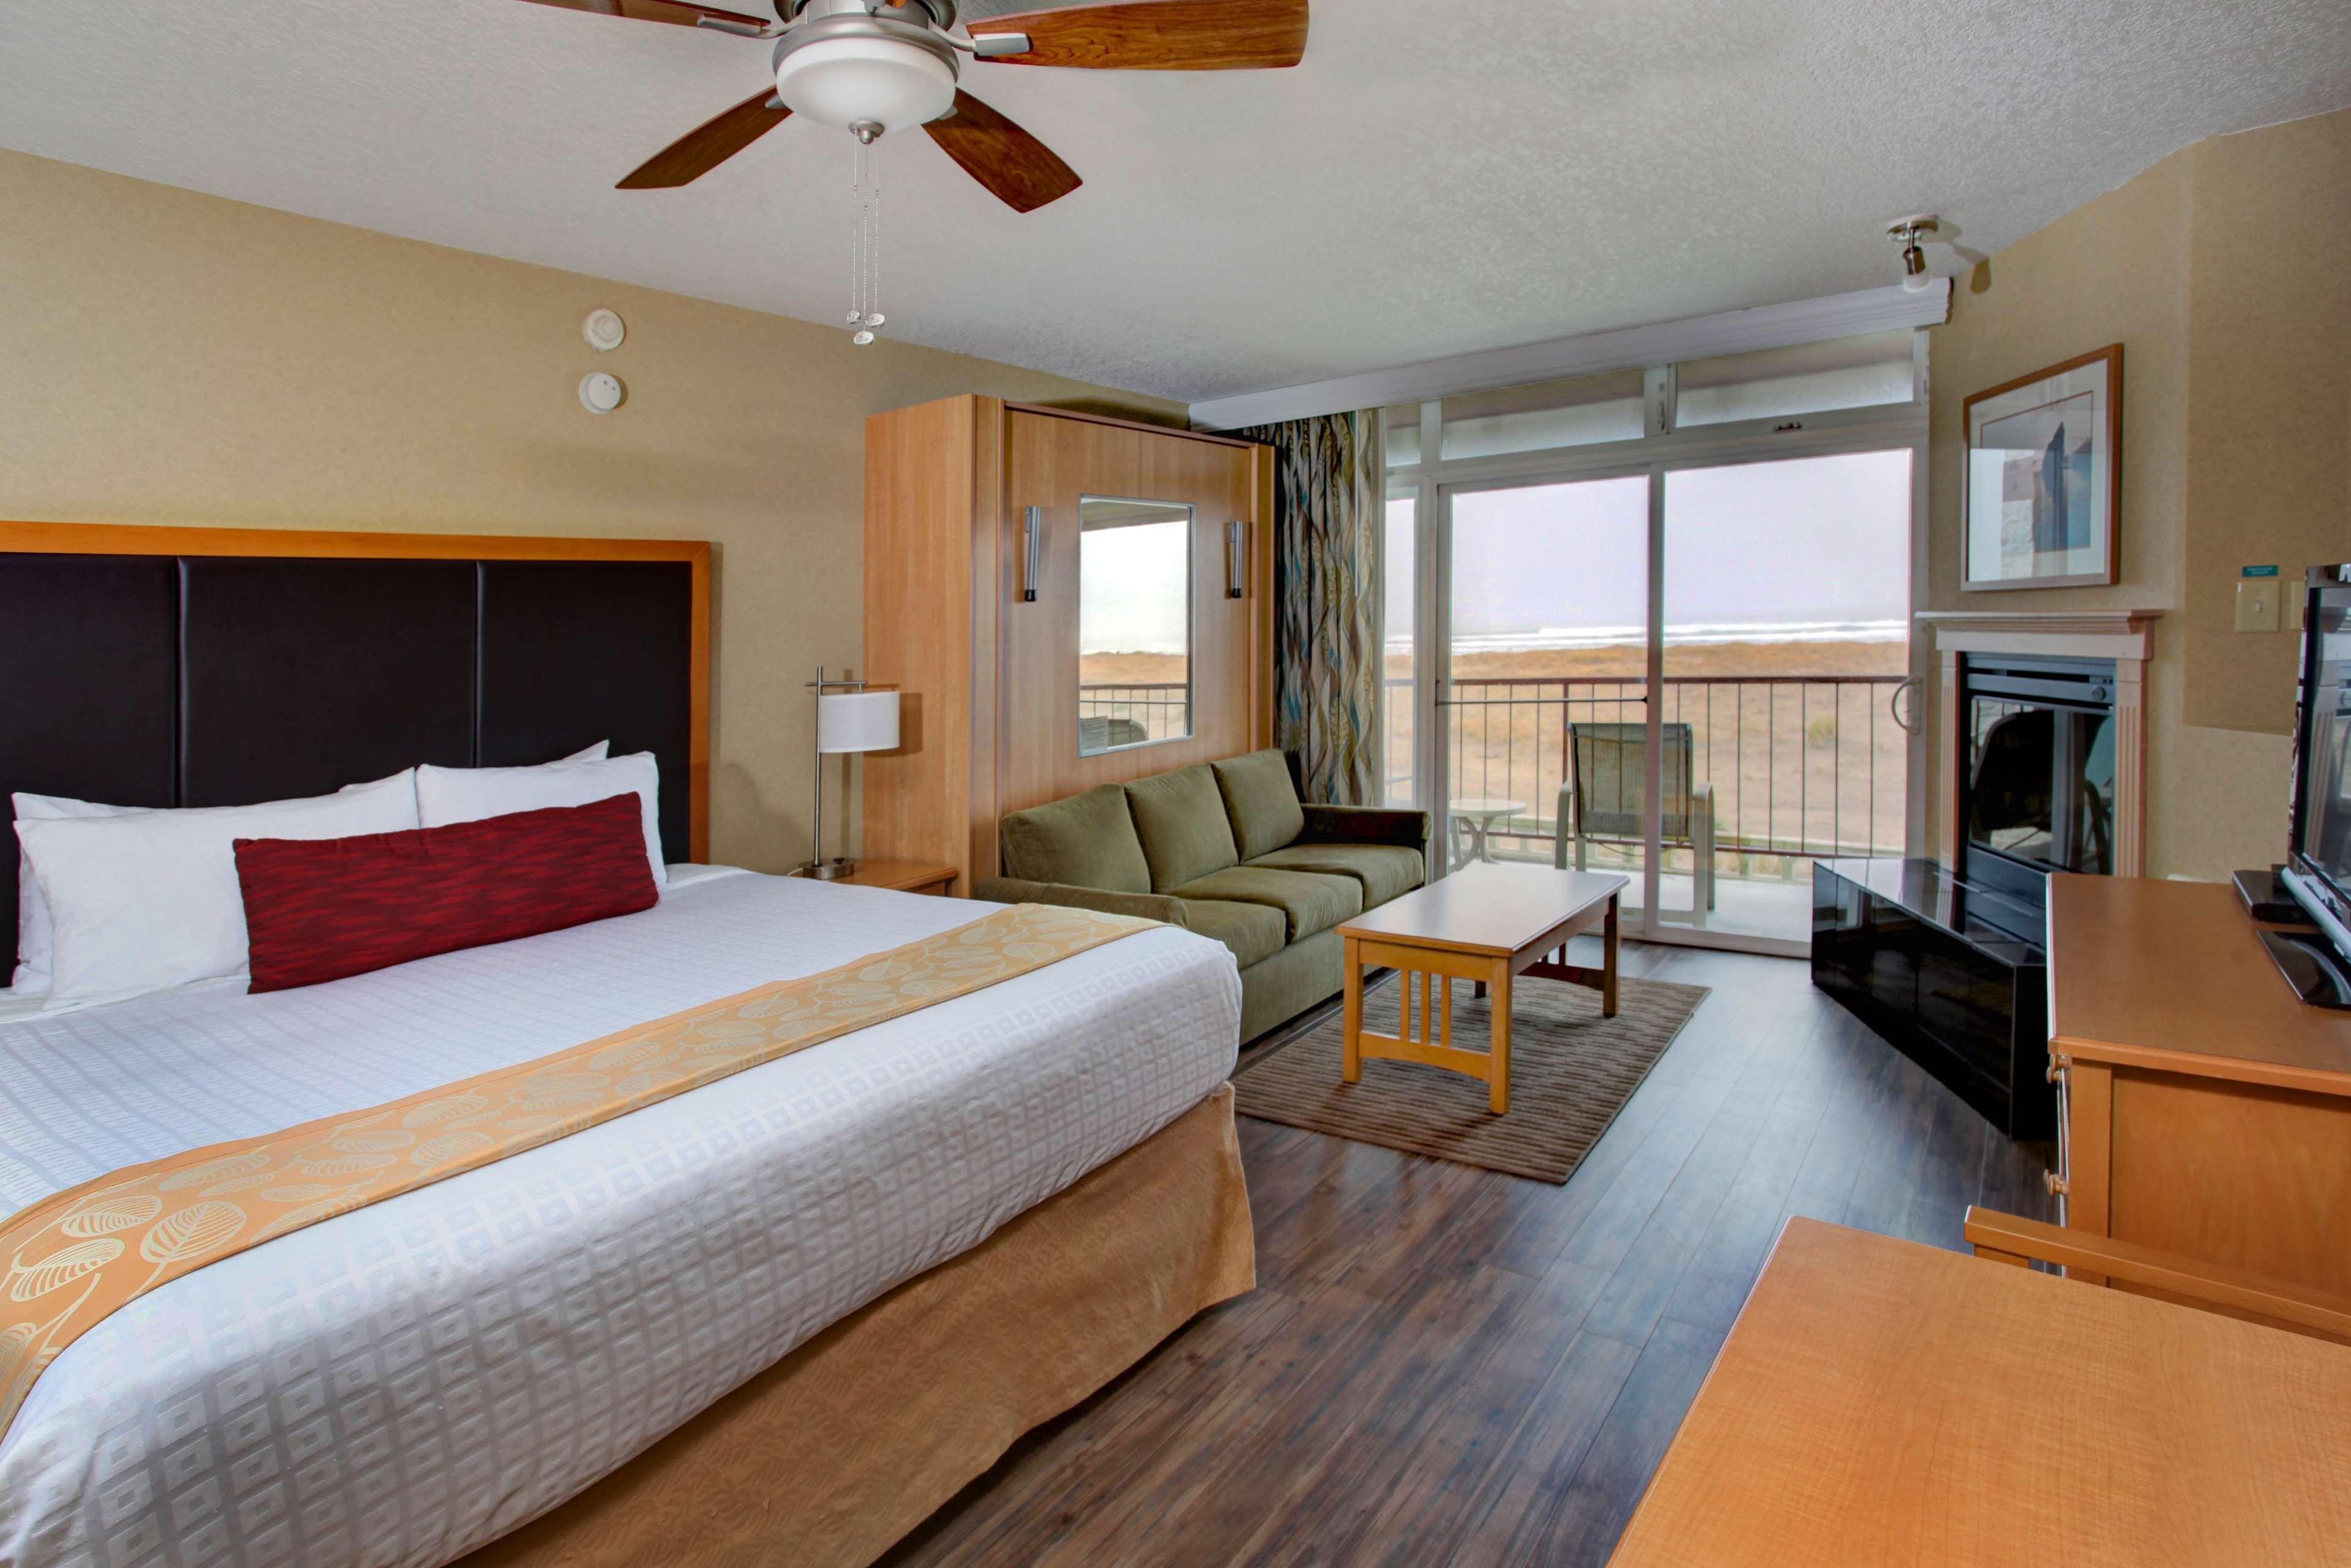 Best Western Plus Ocean View Resort image 6